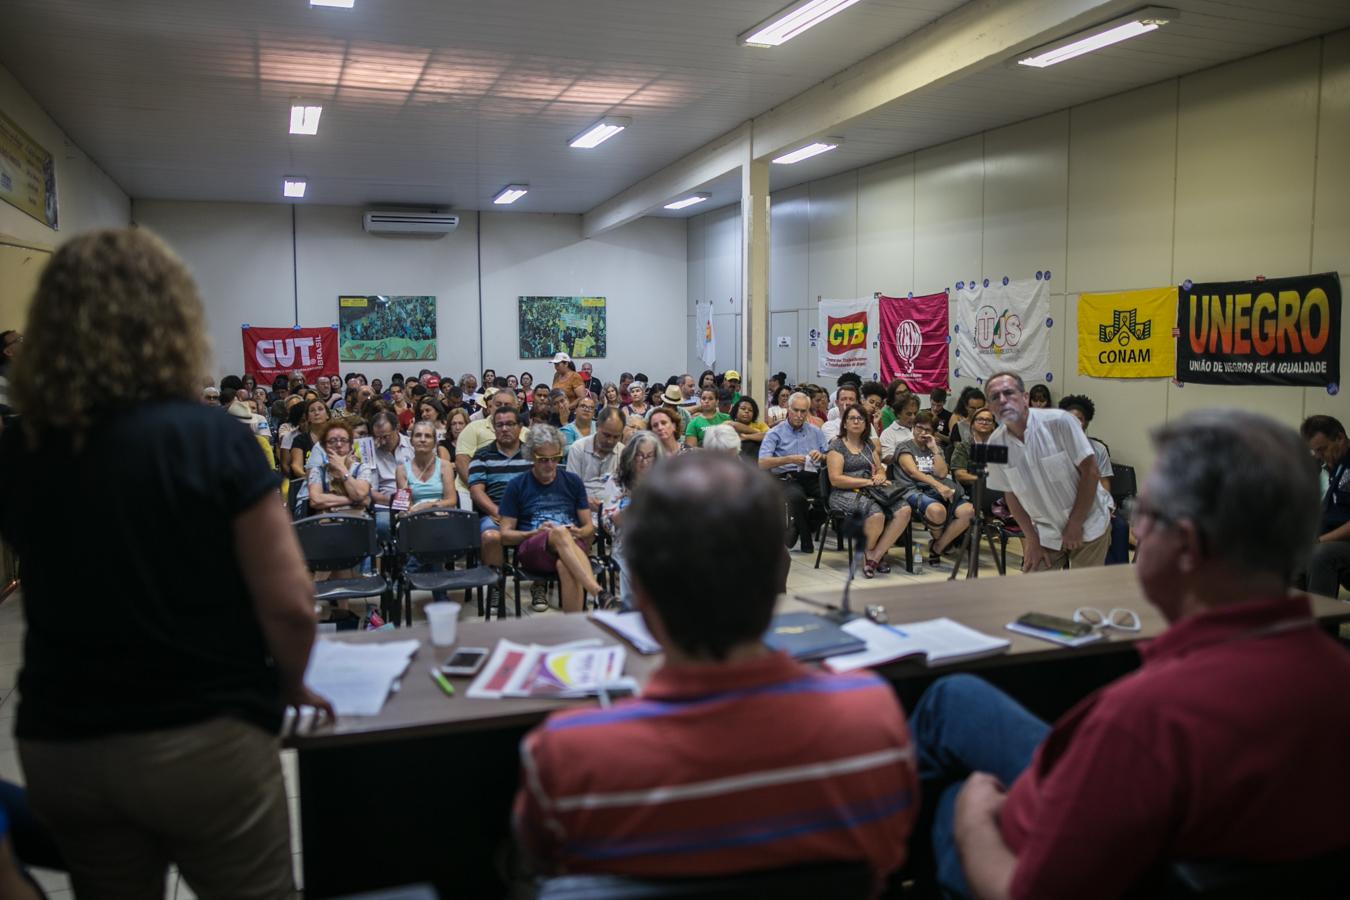 Congresso do Povo de Porto Alegre terá assembleias populares e conferências temáticas de janeiro a junho